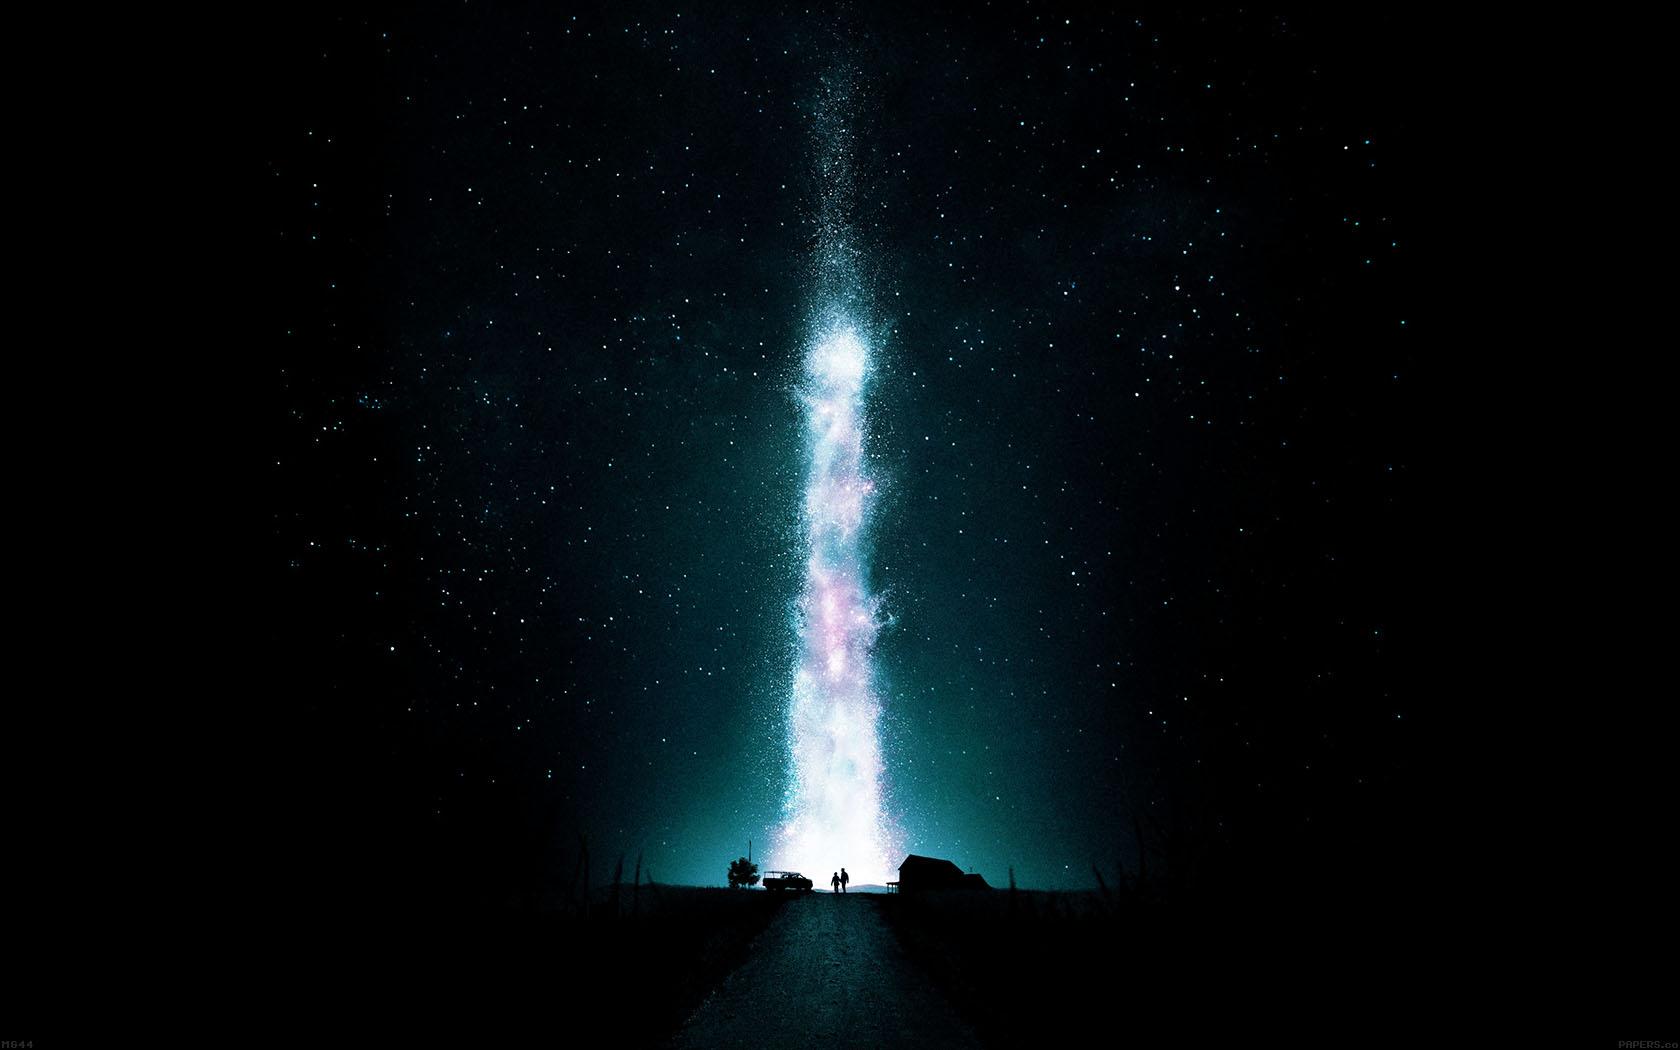 Hd Wallpaper Yosemite Fire Fall Mg44 Interstellar Green Space Night Stars Fire Best